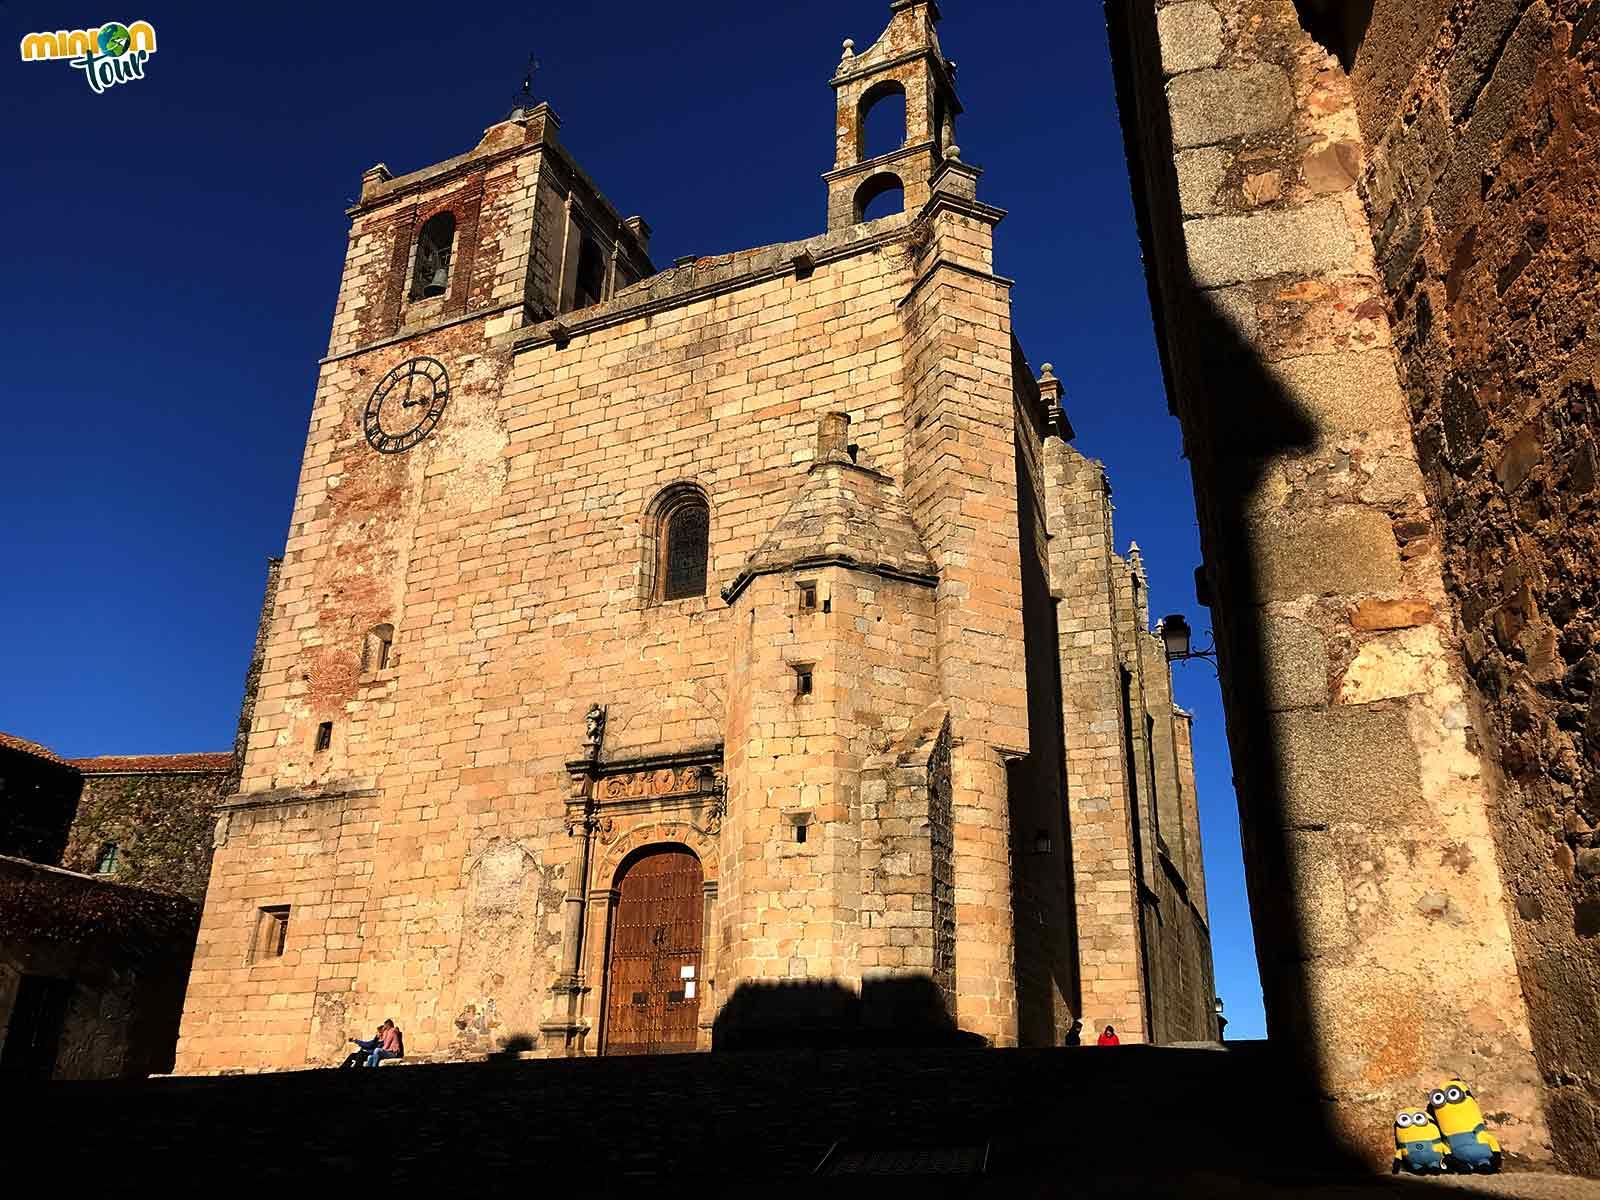 La Iglesia de San Mateo, una de las iglesias que hay que ver en Cáceres